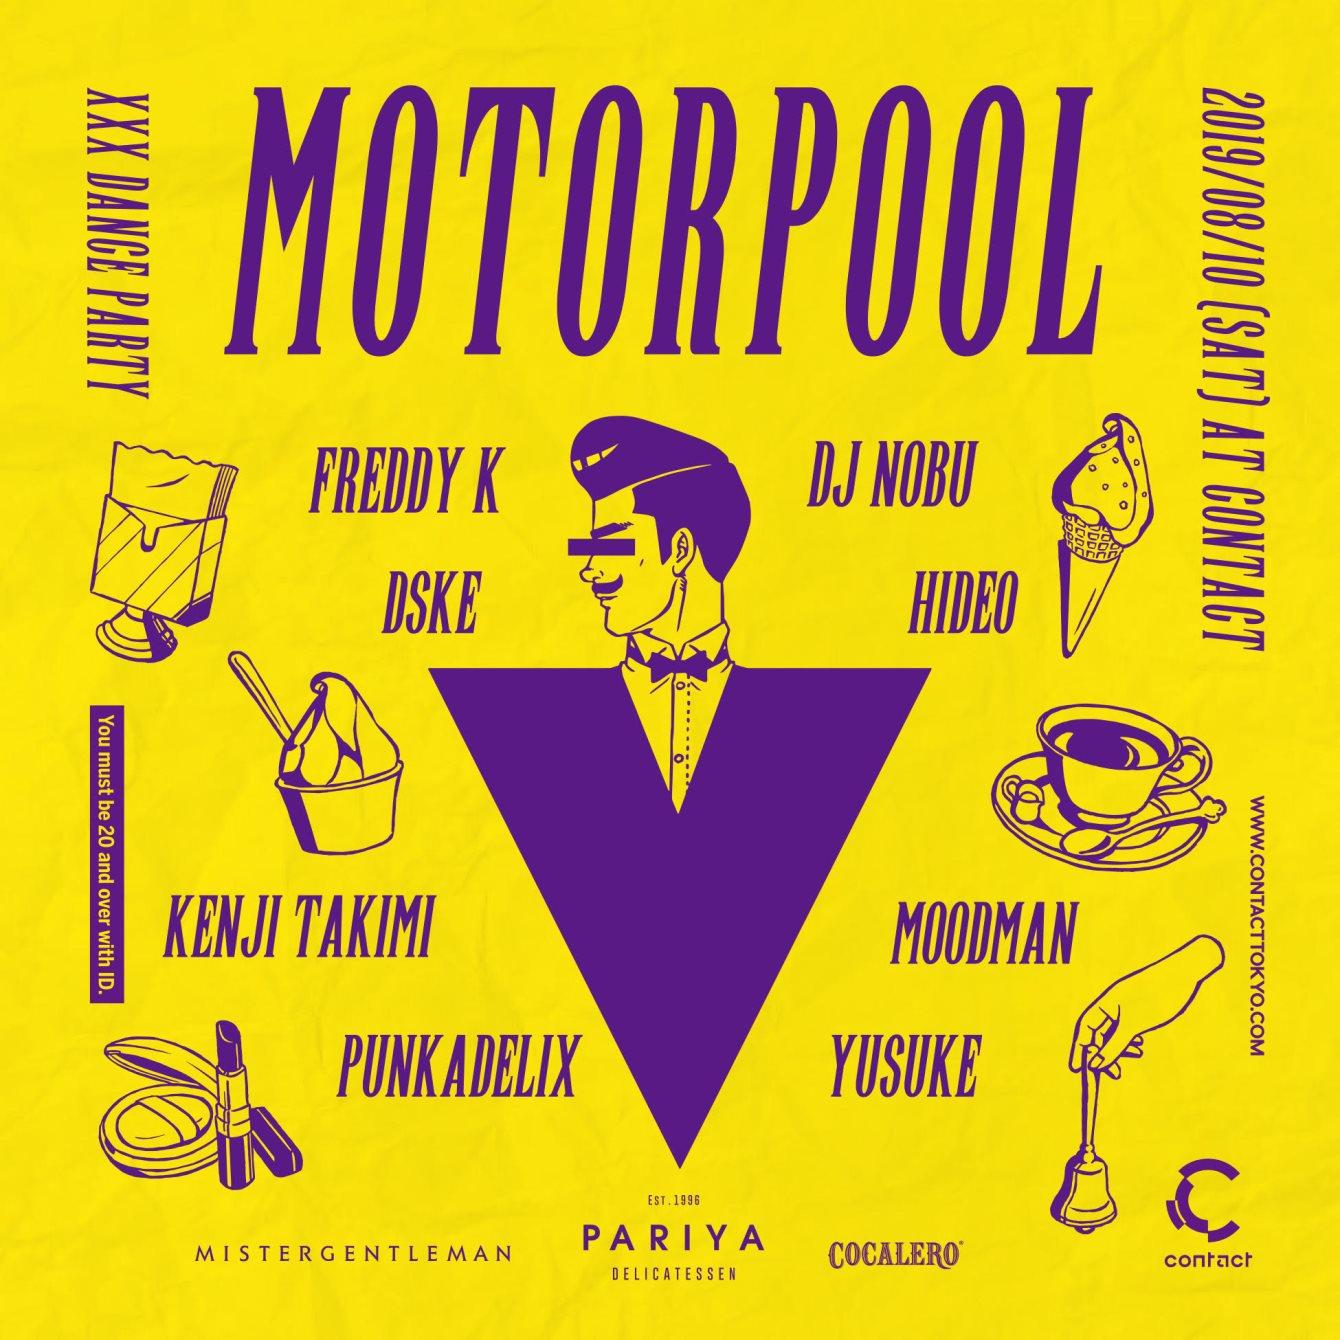 Motorpool Feat. Freddy K & DJ Nobu - Flyer front